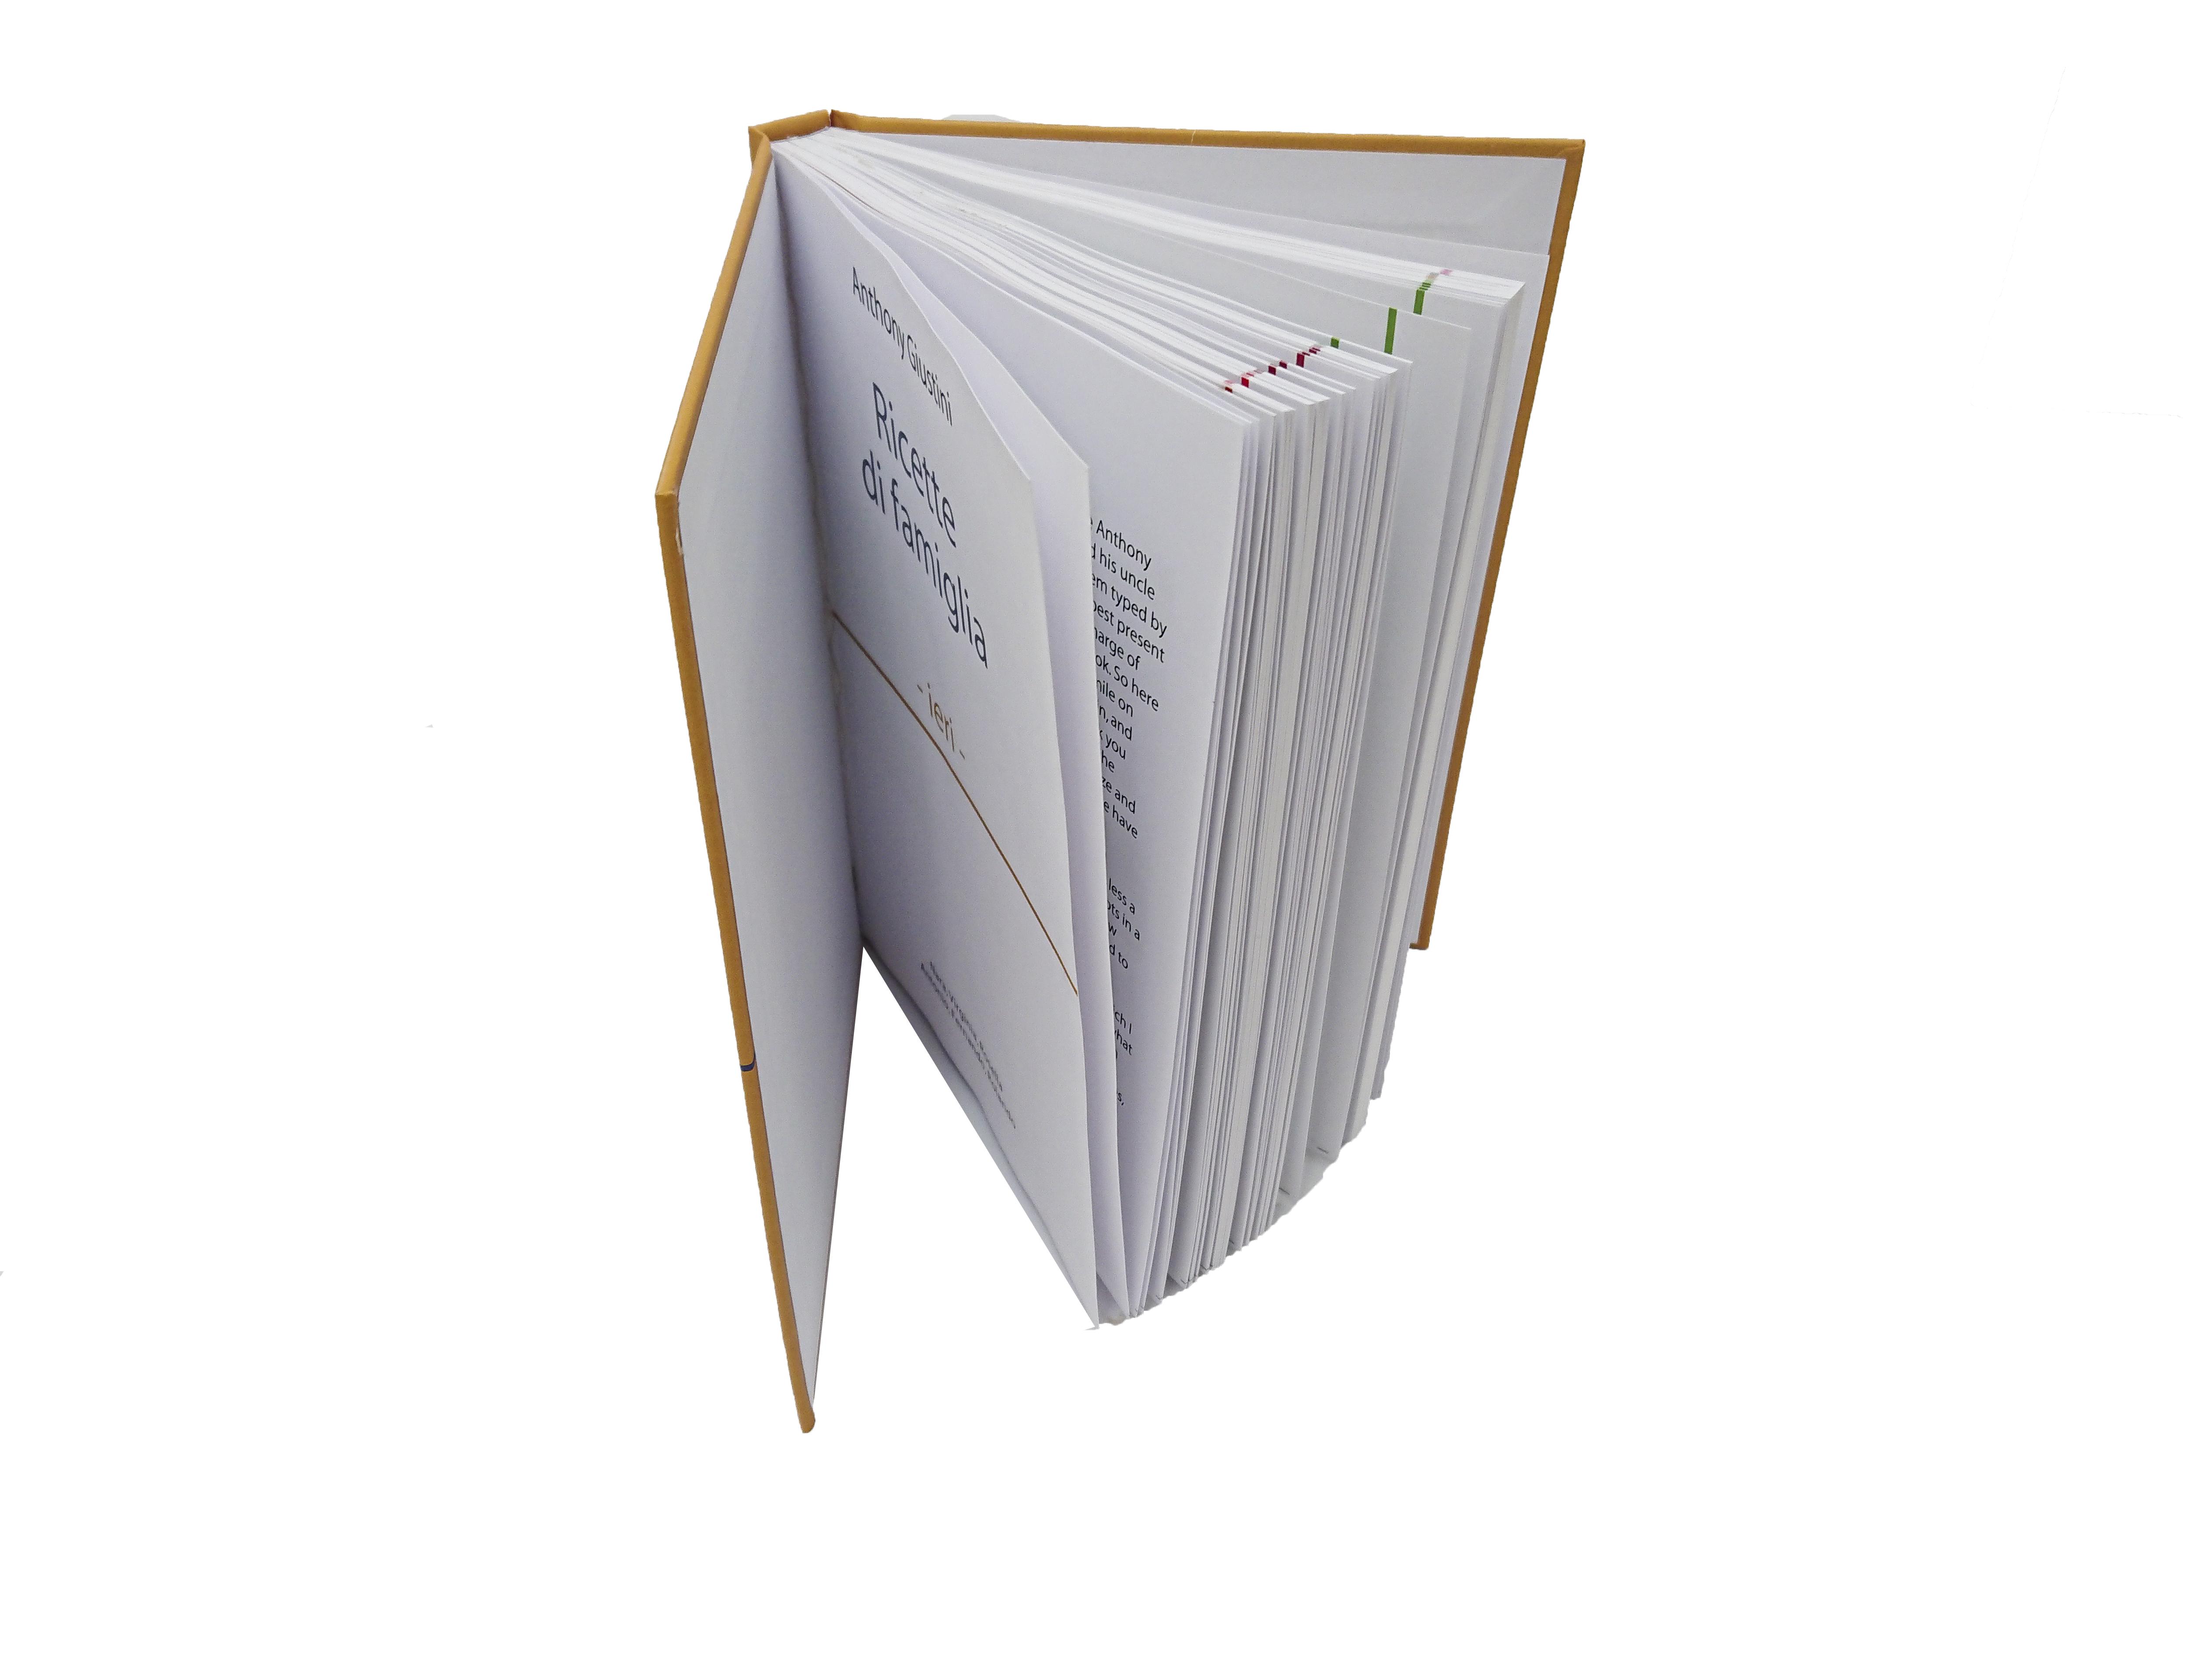 tisk knjiga trda vezava